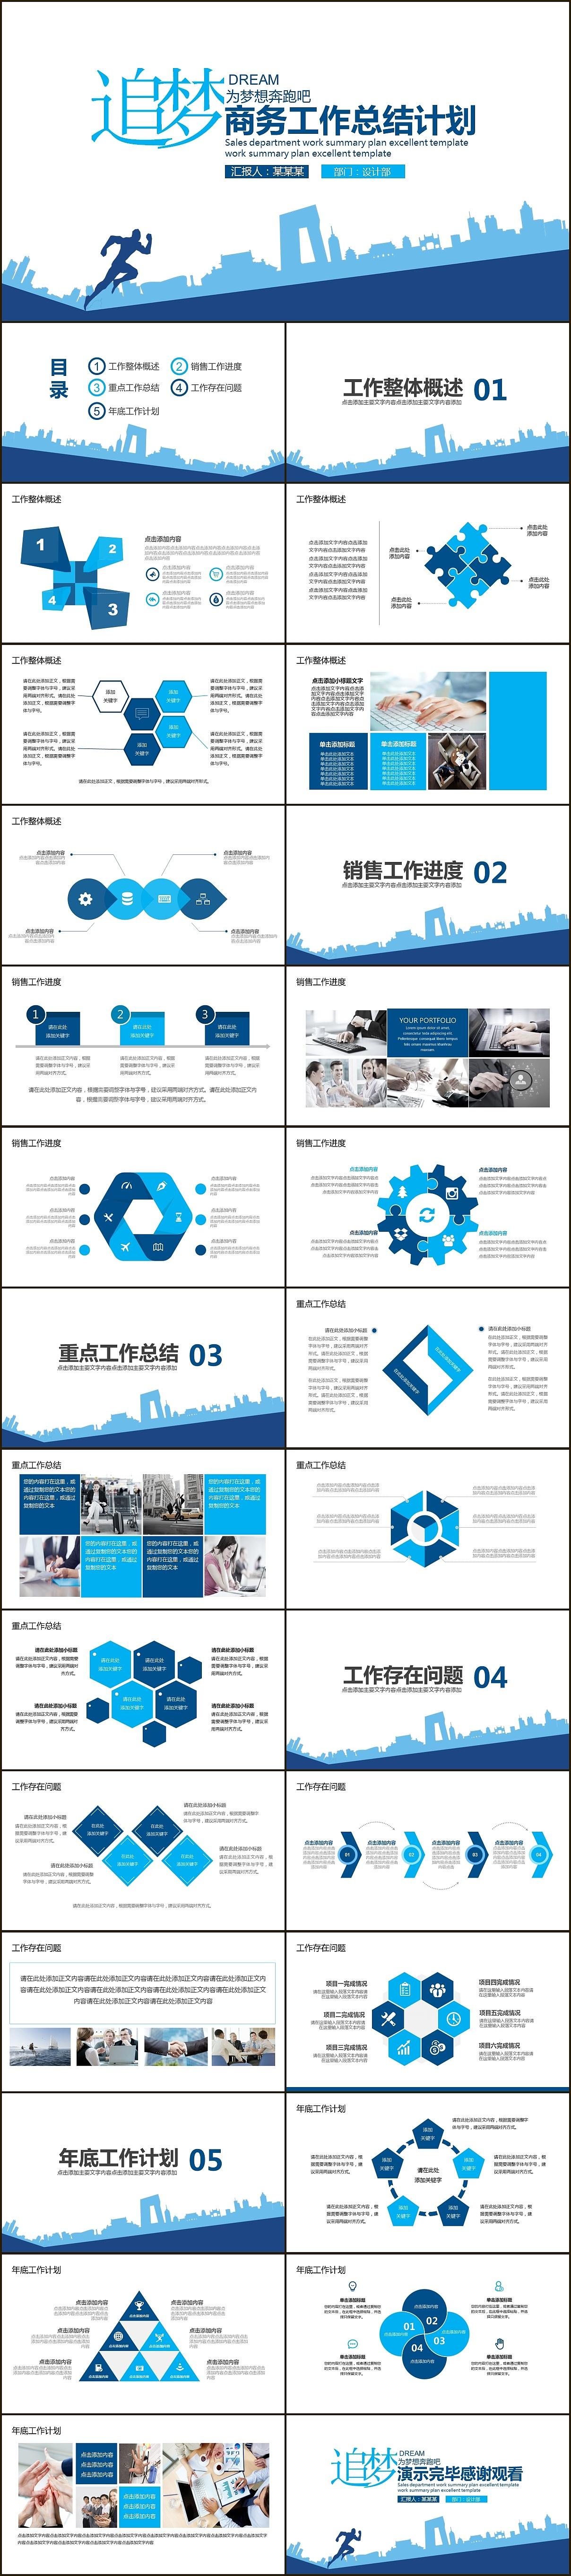 蓝色追梦为梦想而奋斗商务部门工作总结汇报ppt模板图片